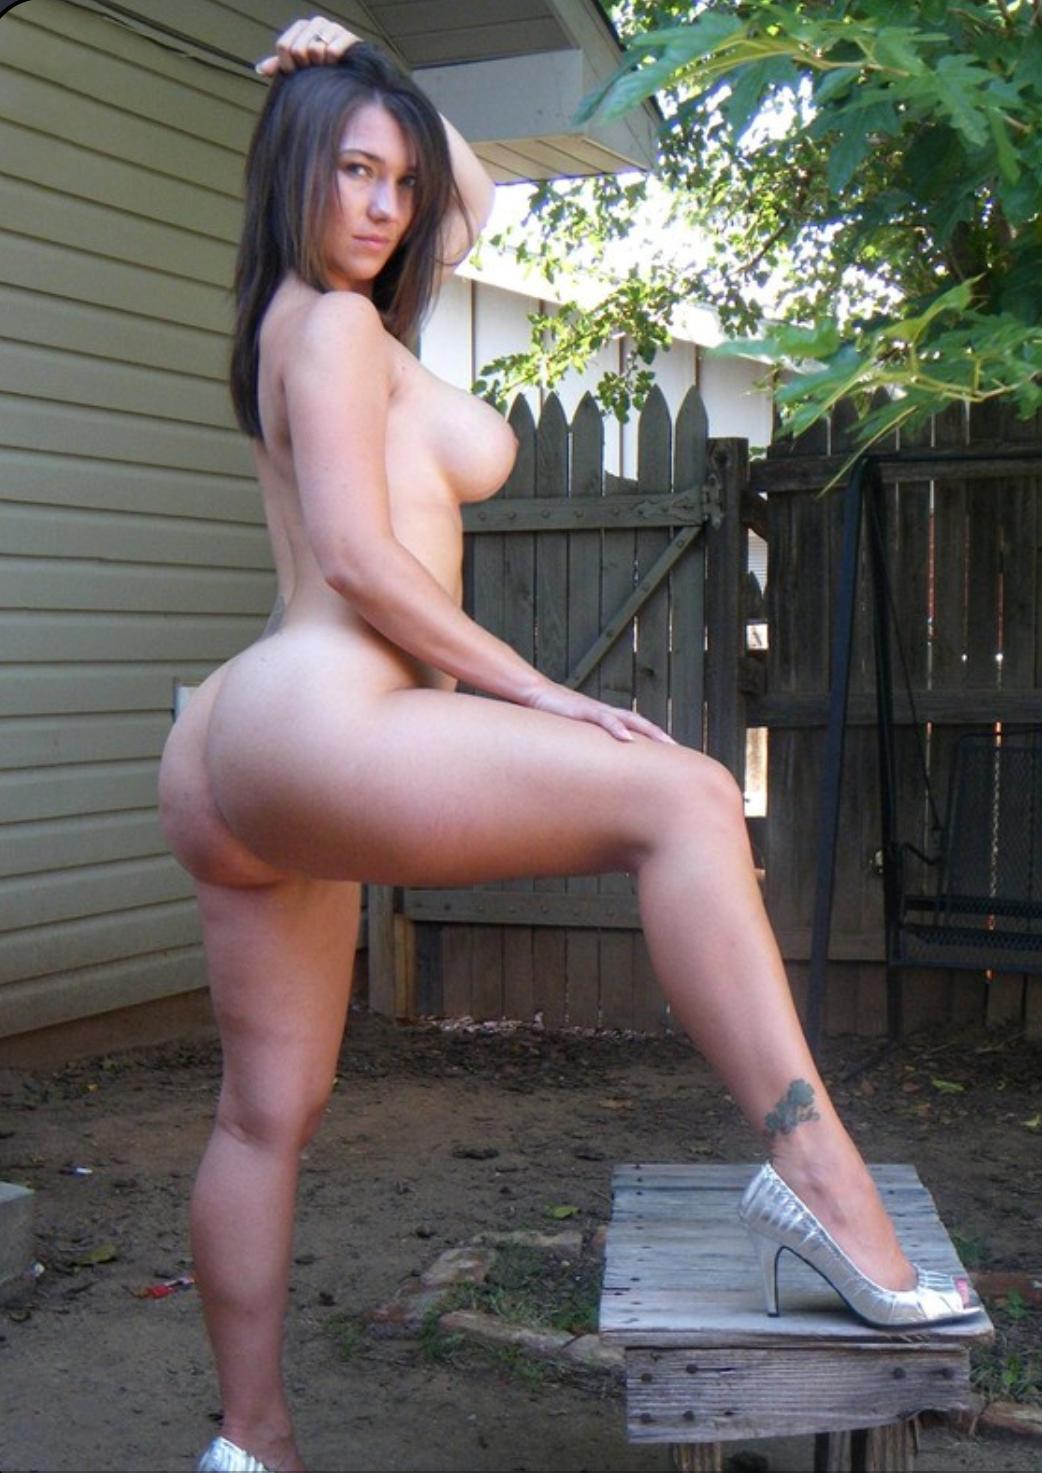 худые голые женщины с огромной жопой фото - 9